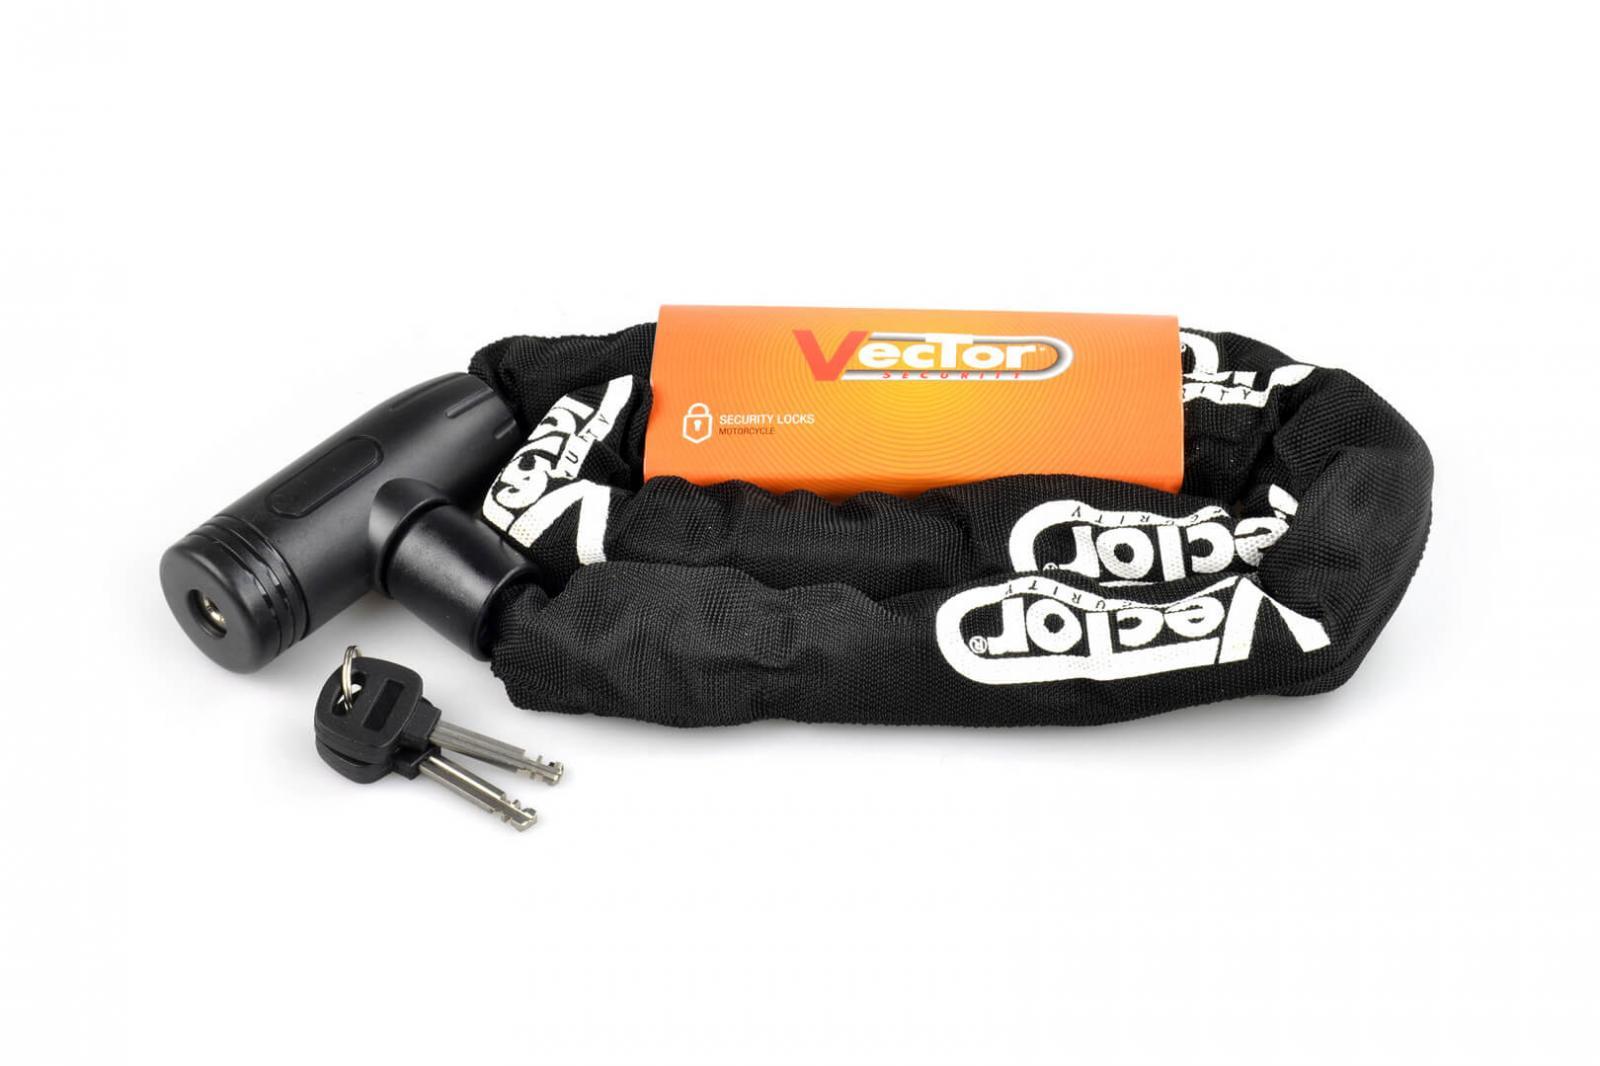 Candado cadena Vector 1200 mm 8x8mm